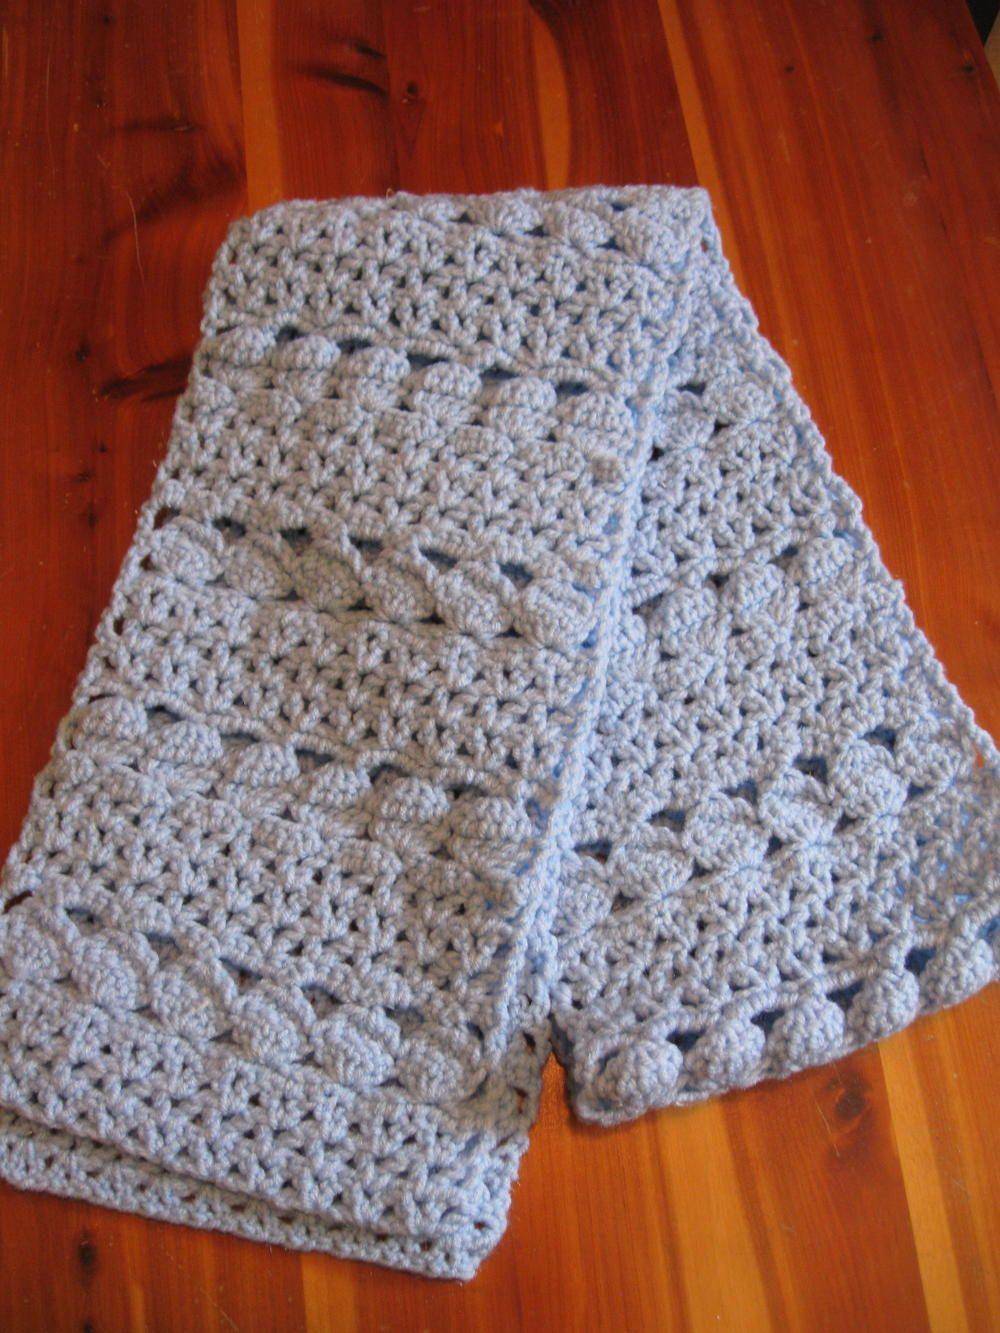 Cozy Blue Crochet Scarf | Wohnraum, Boote und Schals